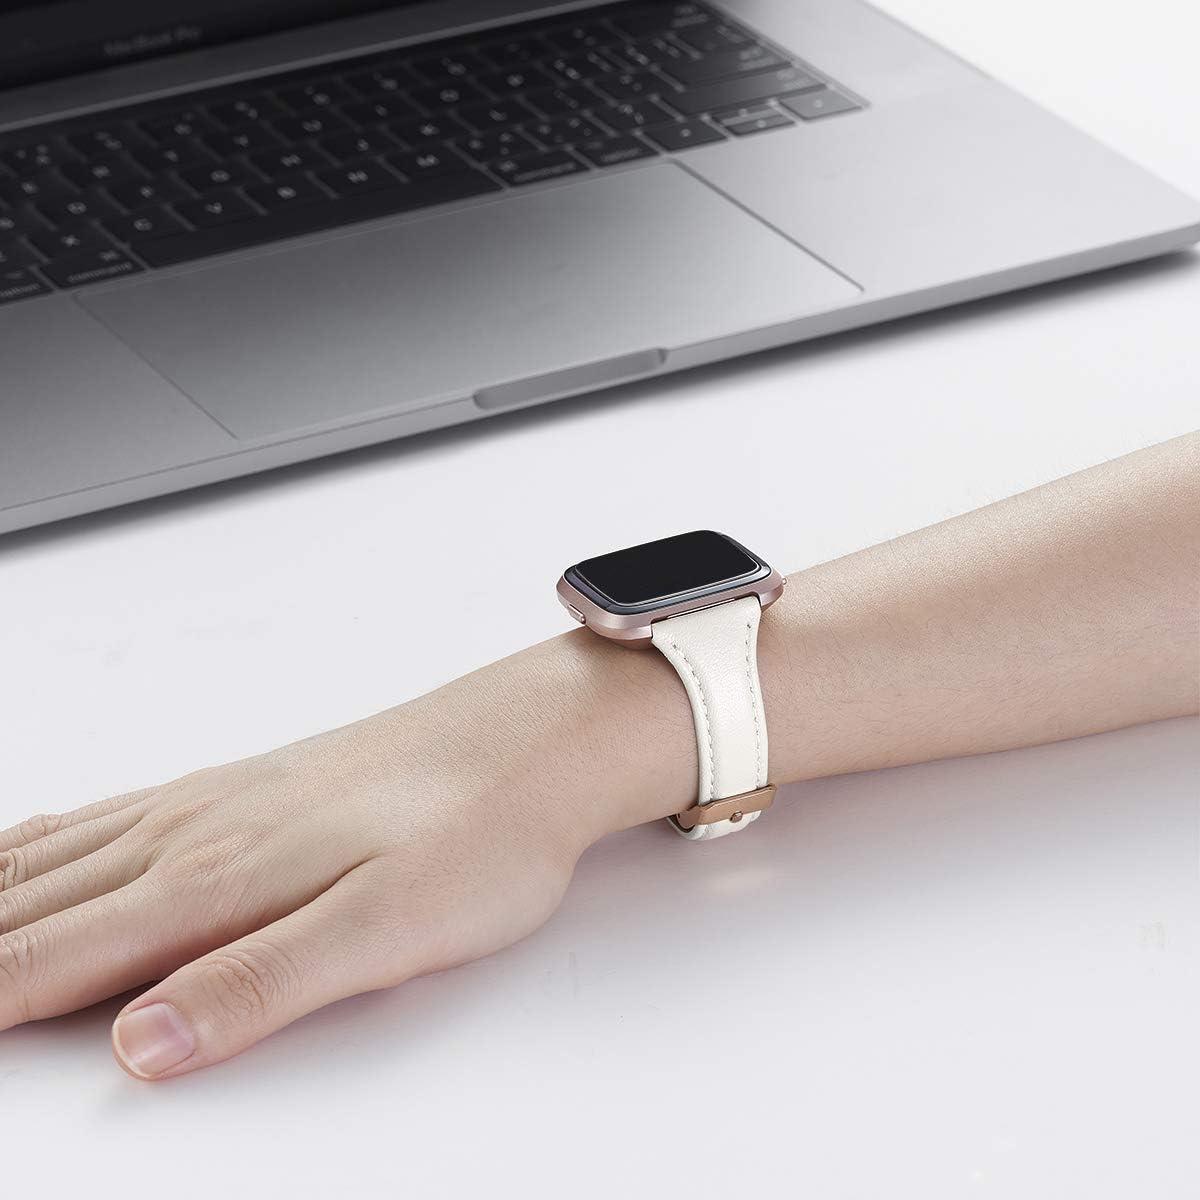 Slim Blanc+Boucle Argent Slim Bracelet de Remplacement en Cuir Souple Compatible pour Fitbit Versa//Fitbit Versa 2//Versa Lite//Se Fitness Smart Watch, WFEAGL Compatible Bracelet Fitbit Versa